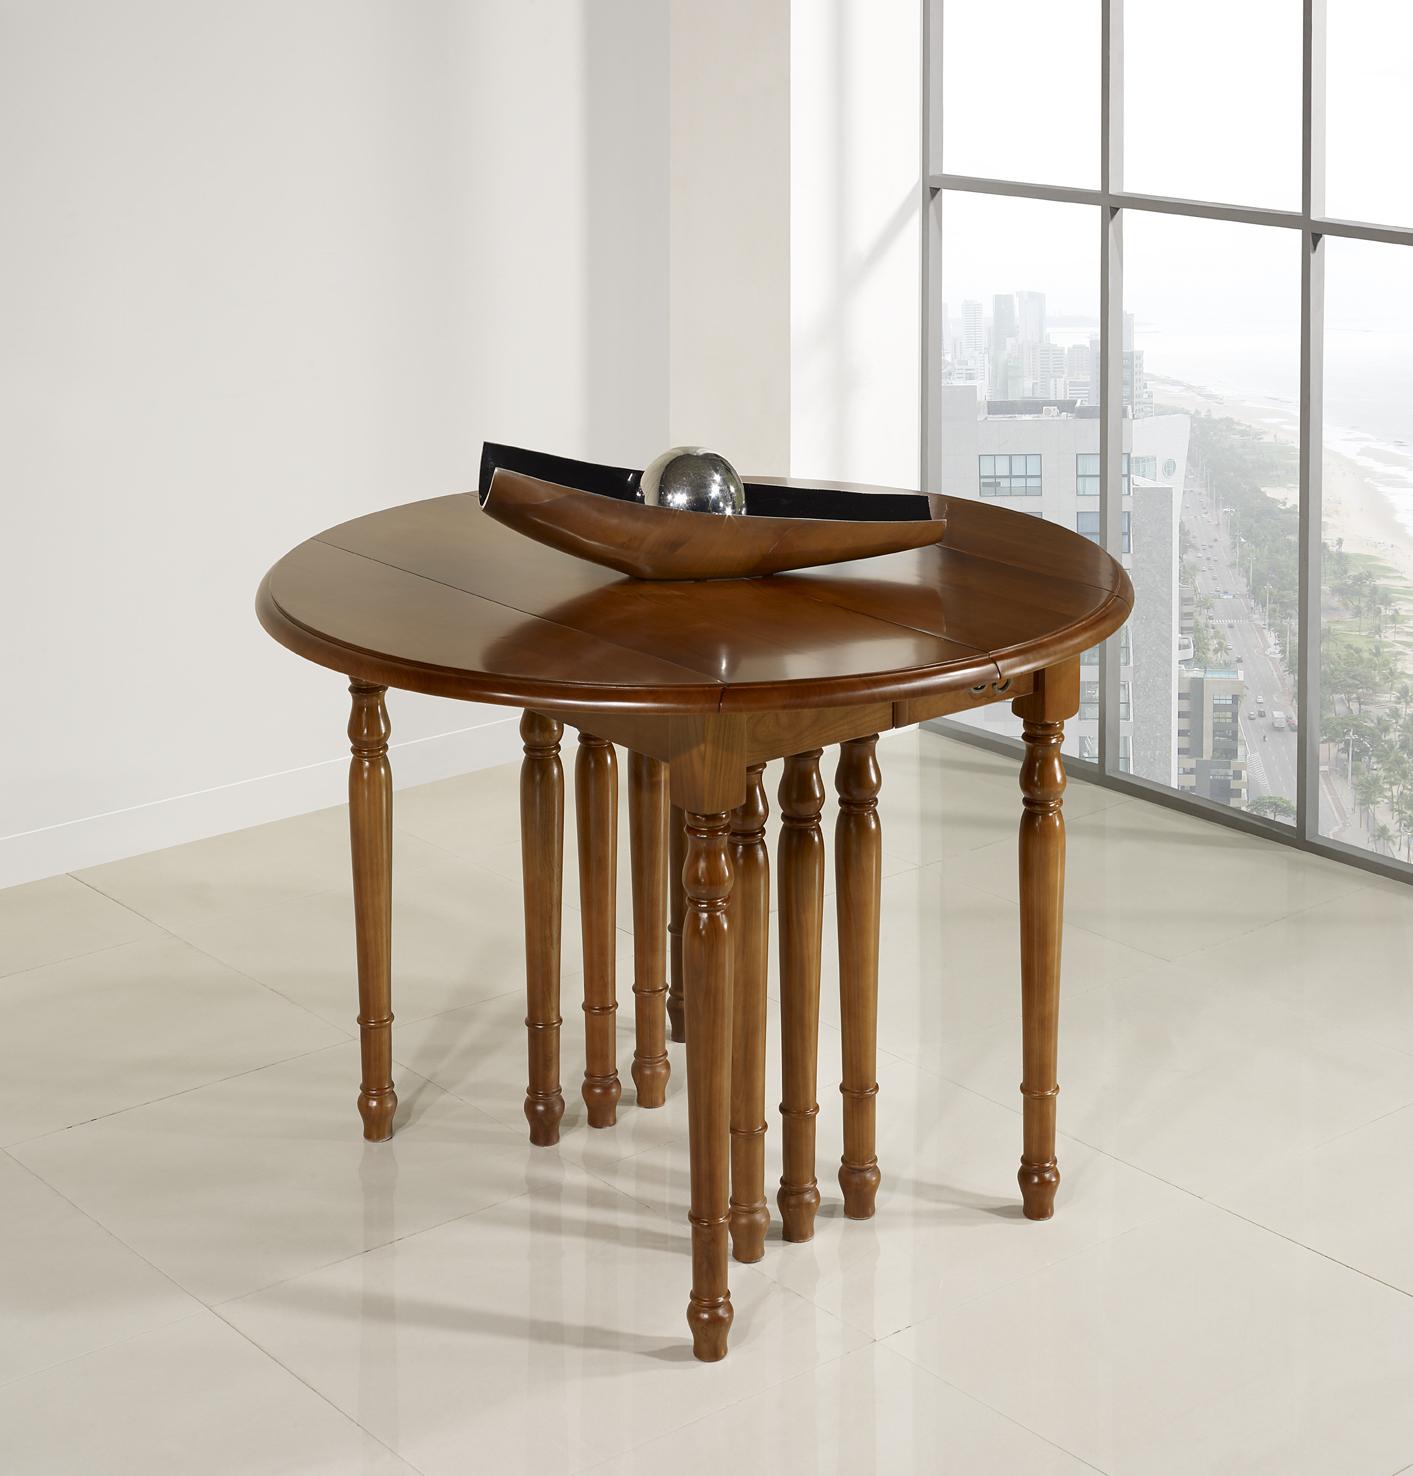 table ronde volets diametre 120 en ch ne massif de style louis philippe 10 allonges de 40 cm. Black Bedroom Furniture Sets. Home Design Ideas